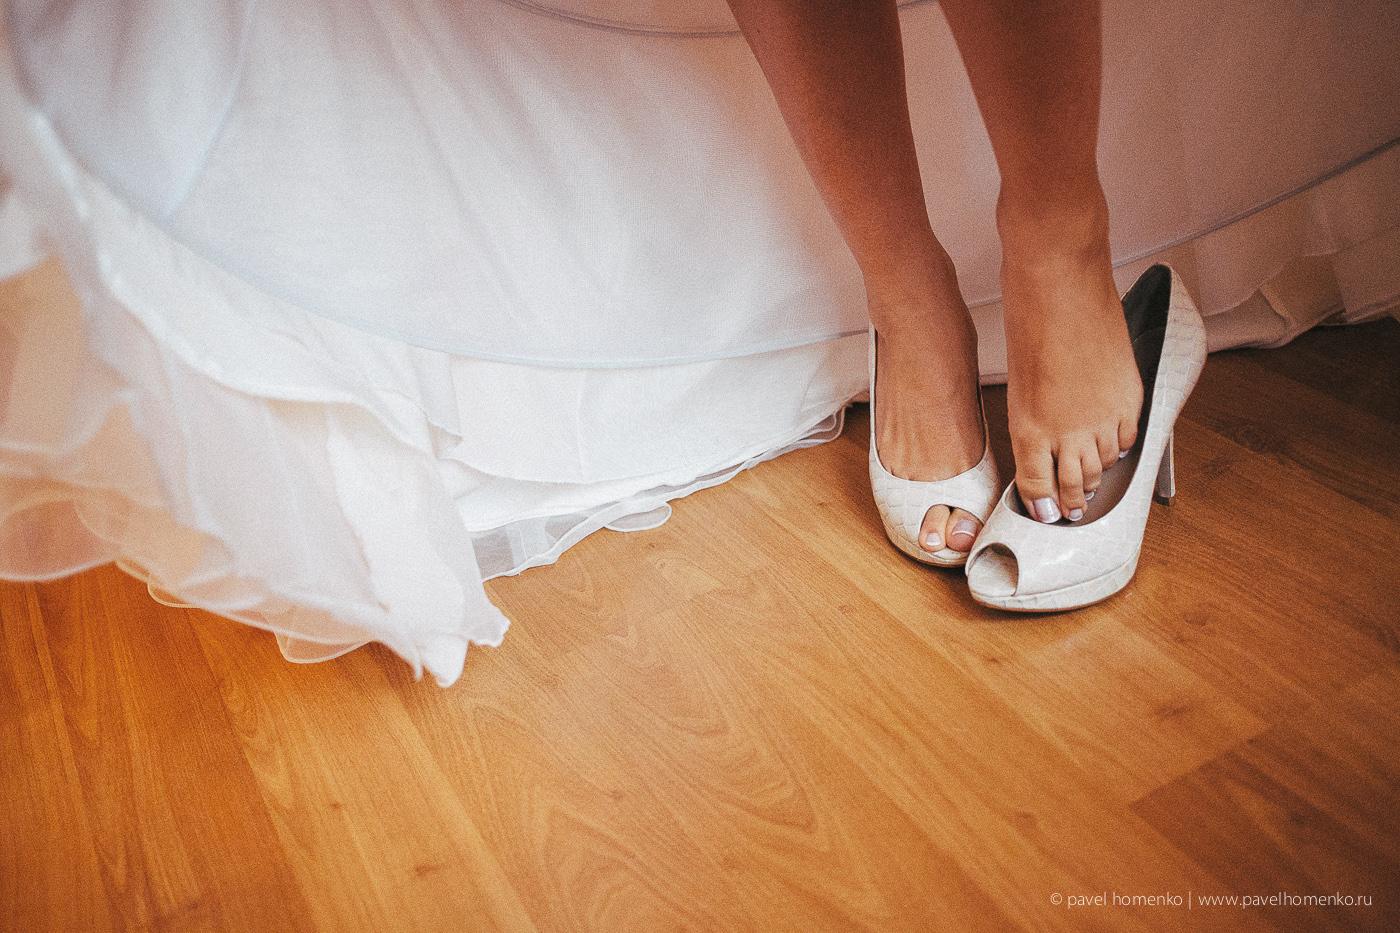 Фото невест нога на ногу, Снова невесты. Ножки (42 фото) » Триникси 10 фотография